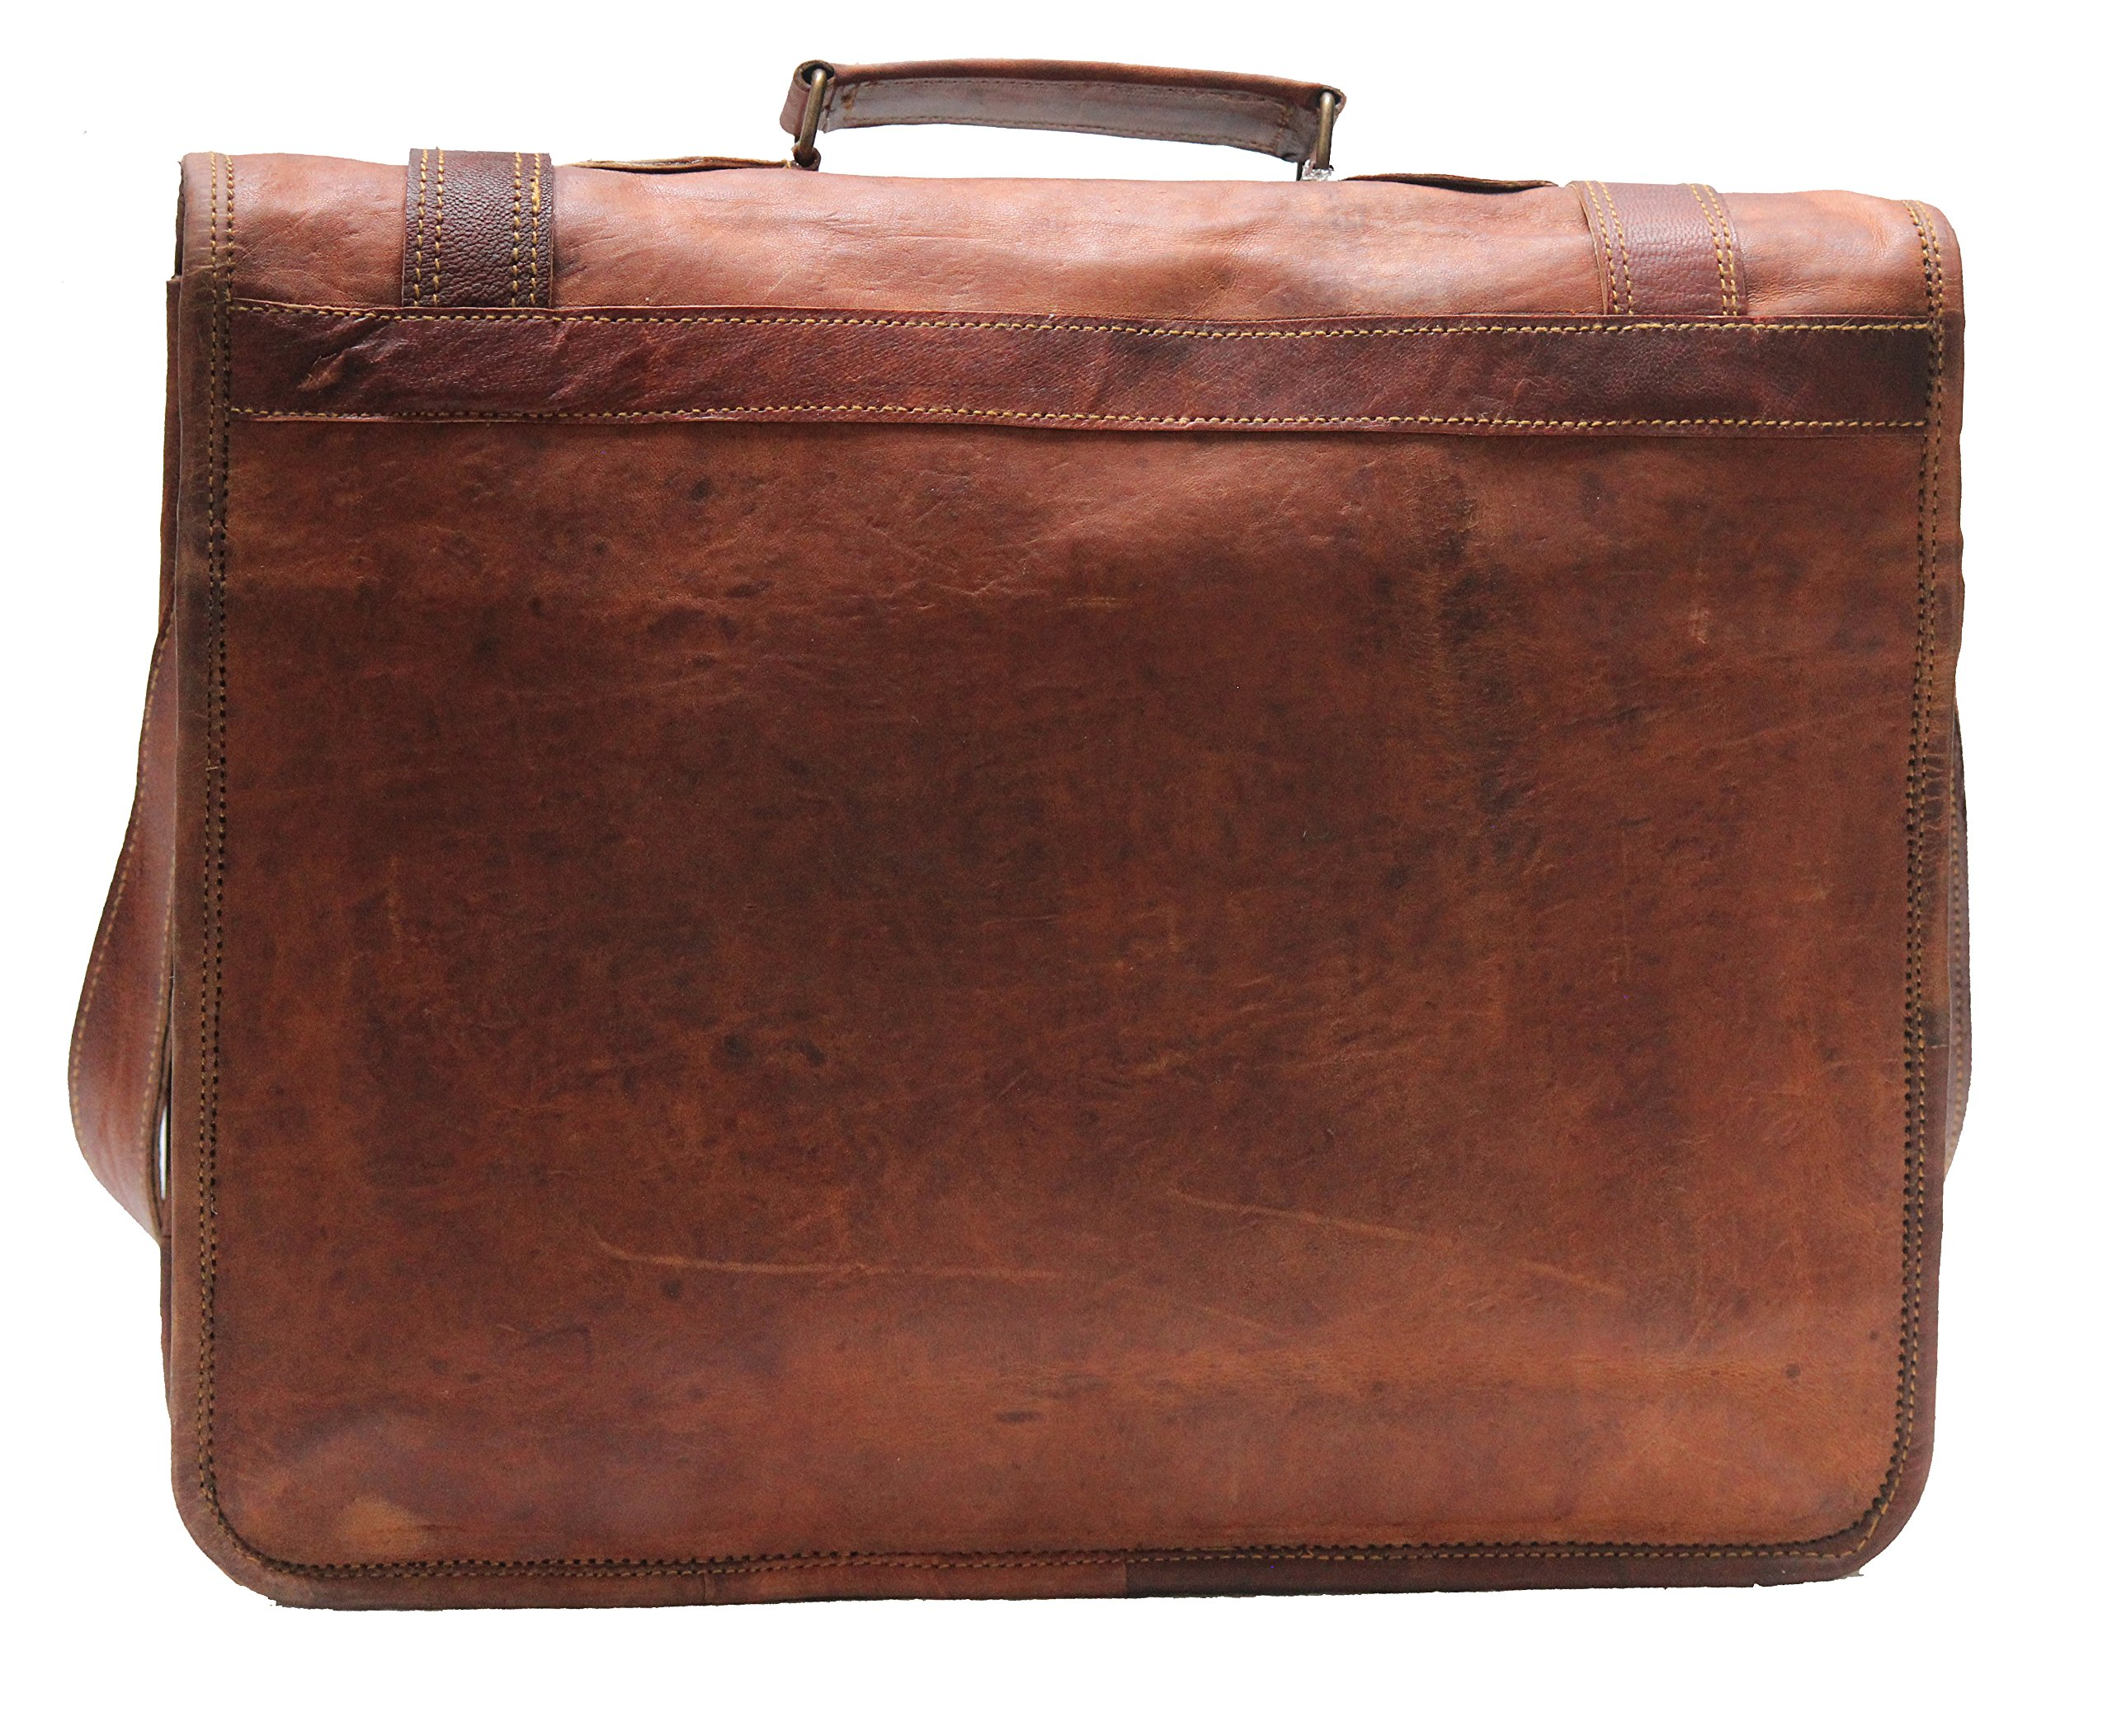 45367ef48a50 Leather Messenger Bags for Men Women Mens Briefcase Laptop Bag Best  Computer Shoulder Satchel School Distressed Bag